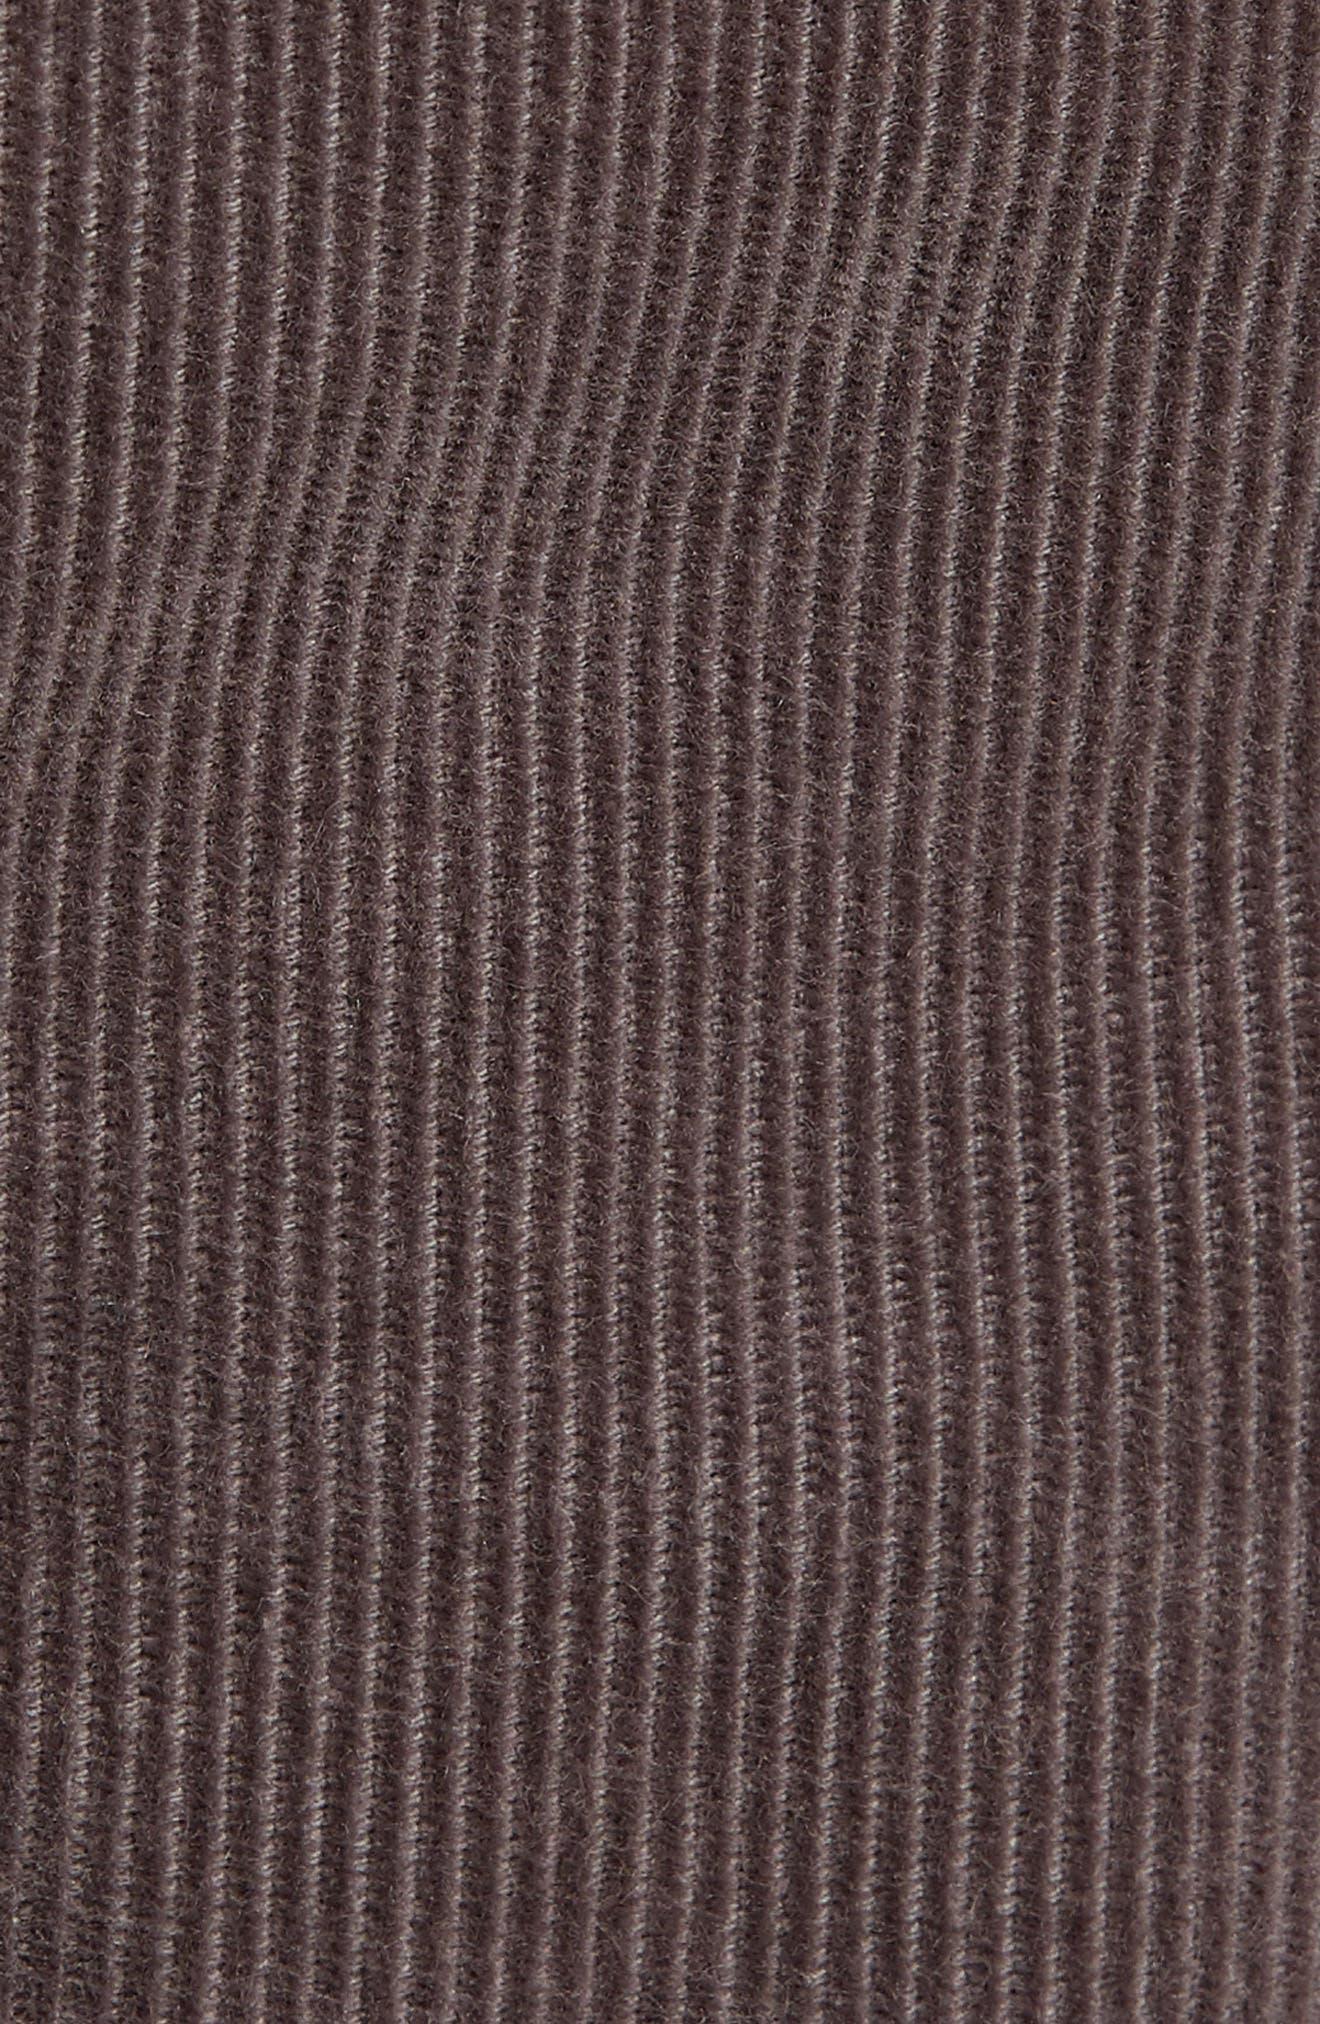 Slim Fit Corduroy Pants,                             Alternate thumbnail 5, color,                             CHARCOAL